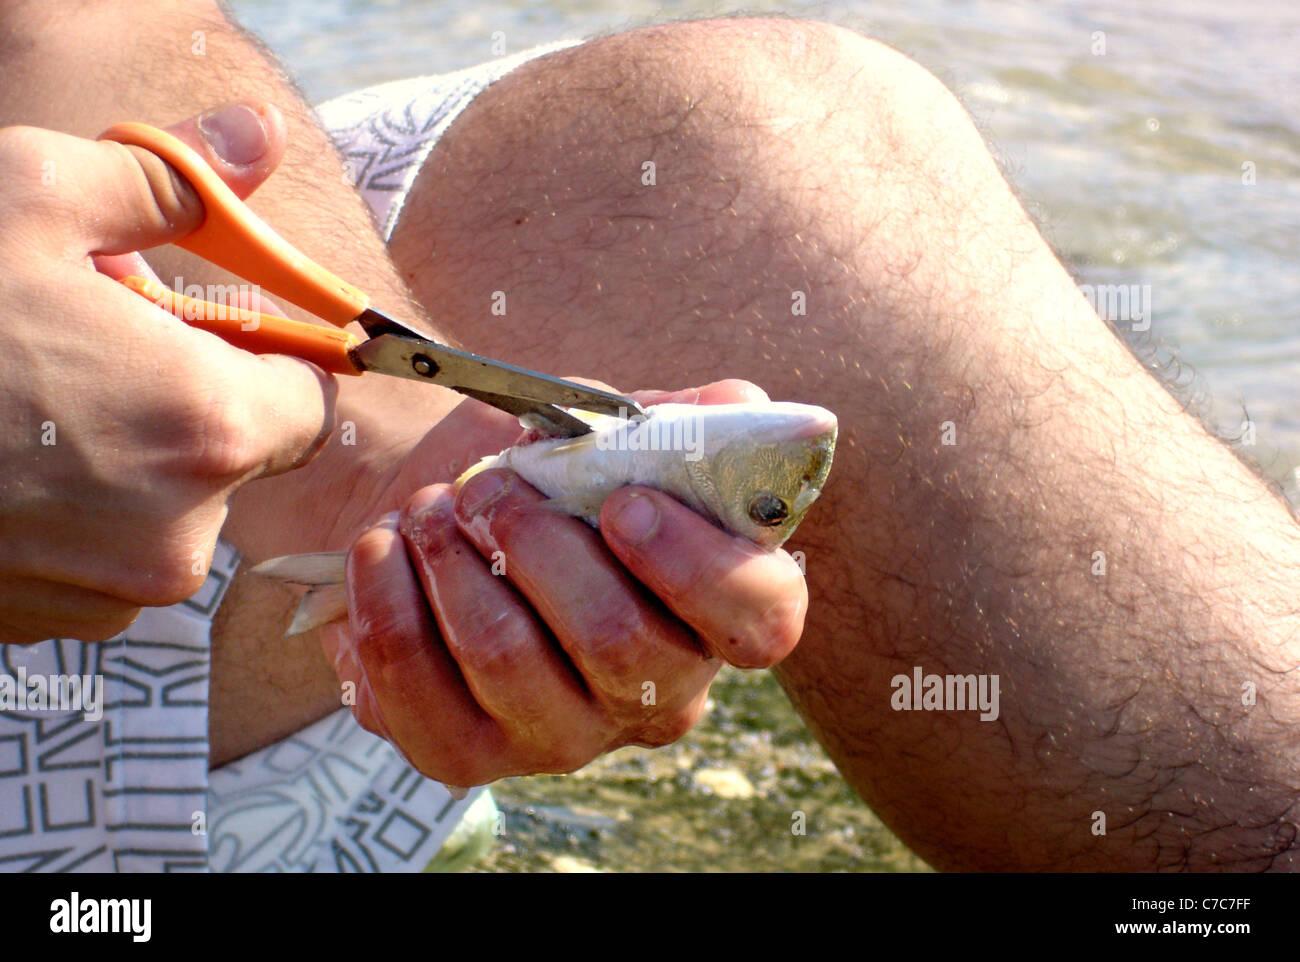 Pescar peces en Nitzanim reserva nacional entre Ashkelon a Ashdod, en la costa del mar Mediterráneo. Foto de stock